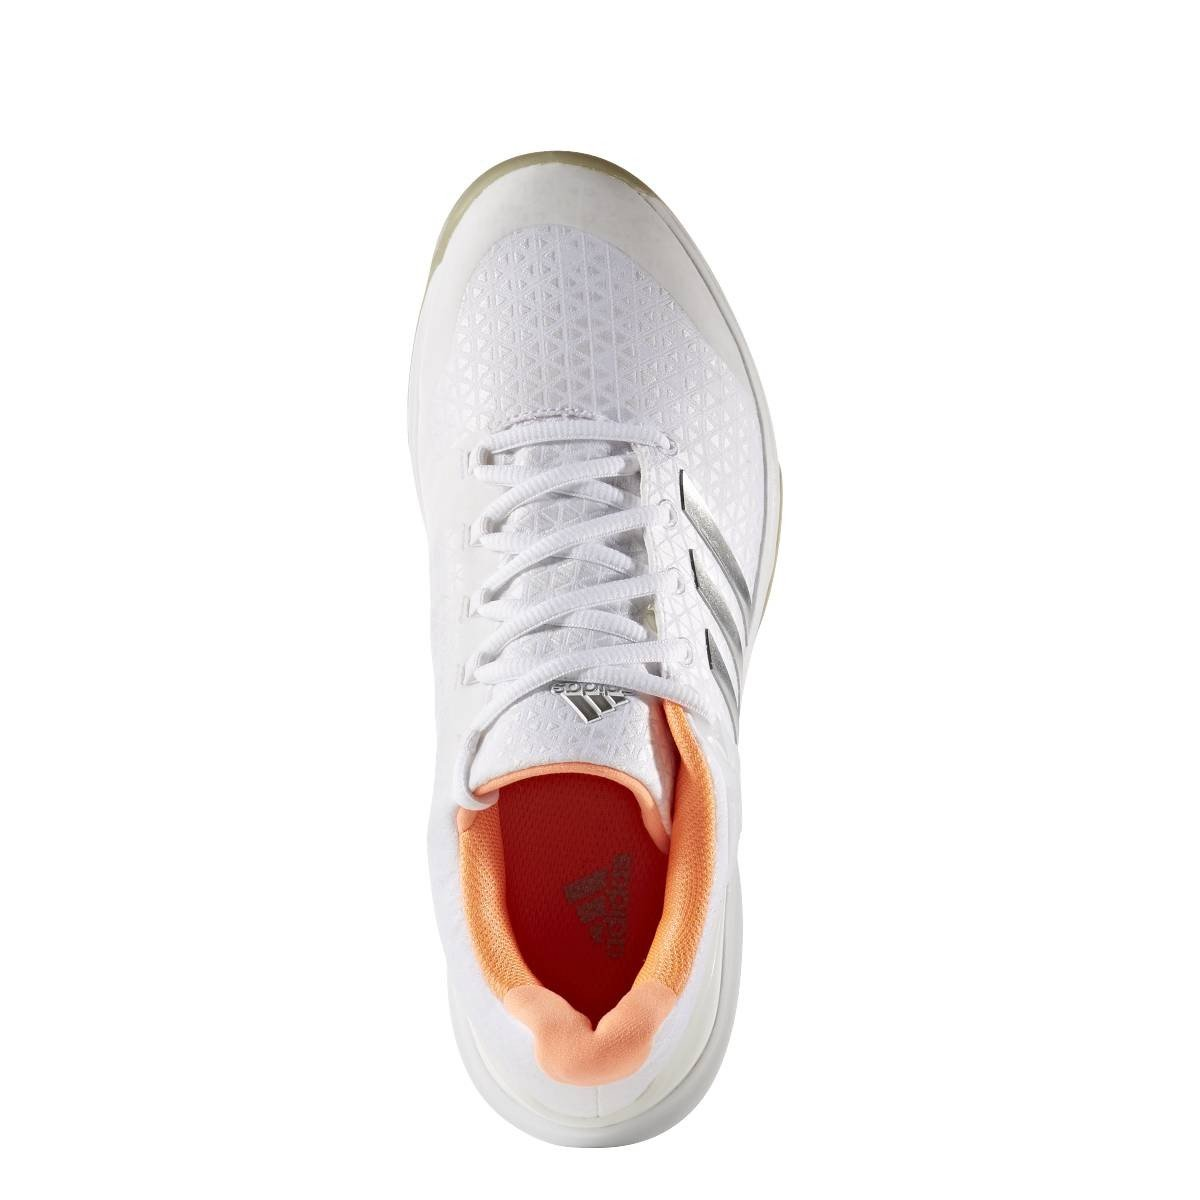 Scarpe Adidas Adizero Adizero Adizero Ubersonic 2 grigio Printemps 2017 - 37 1 3 8e6f5d